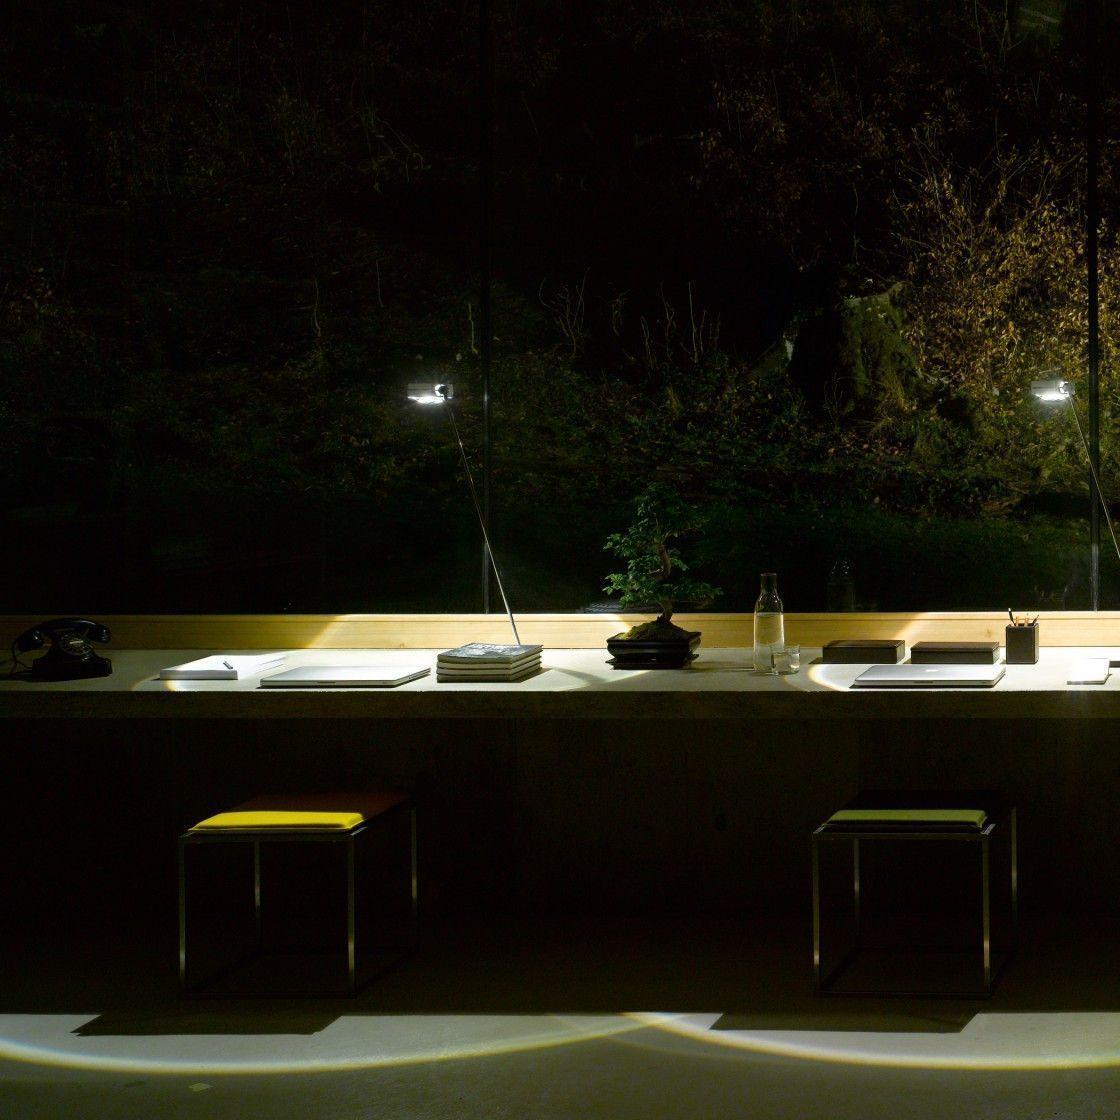 sento tavolo mise en sc ne distribution d clairages d coratifs marseille. Black Bedroom Furniture Sets. Home Design Ideas